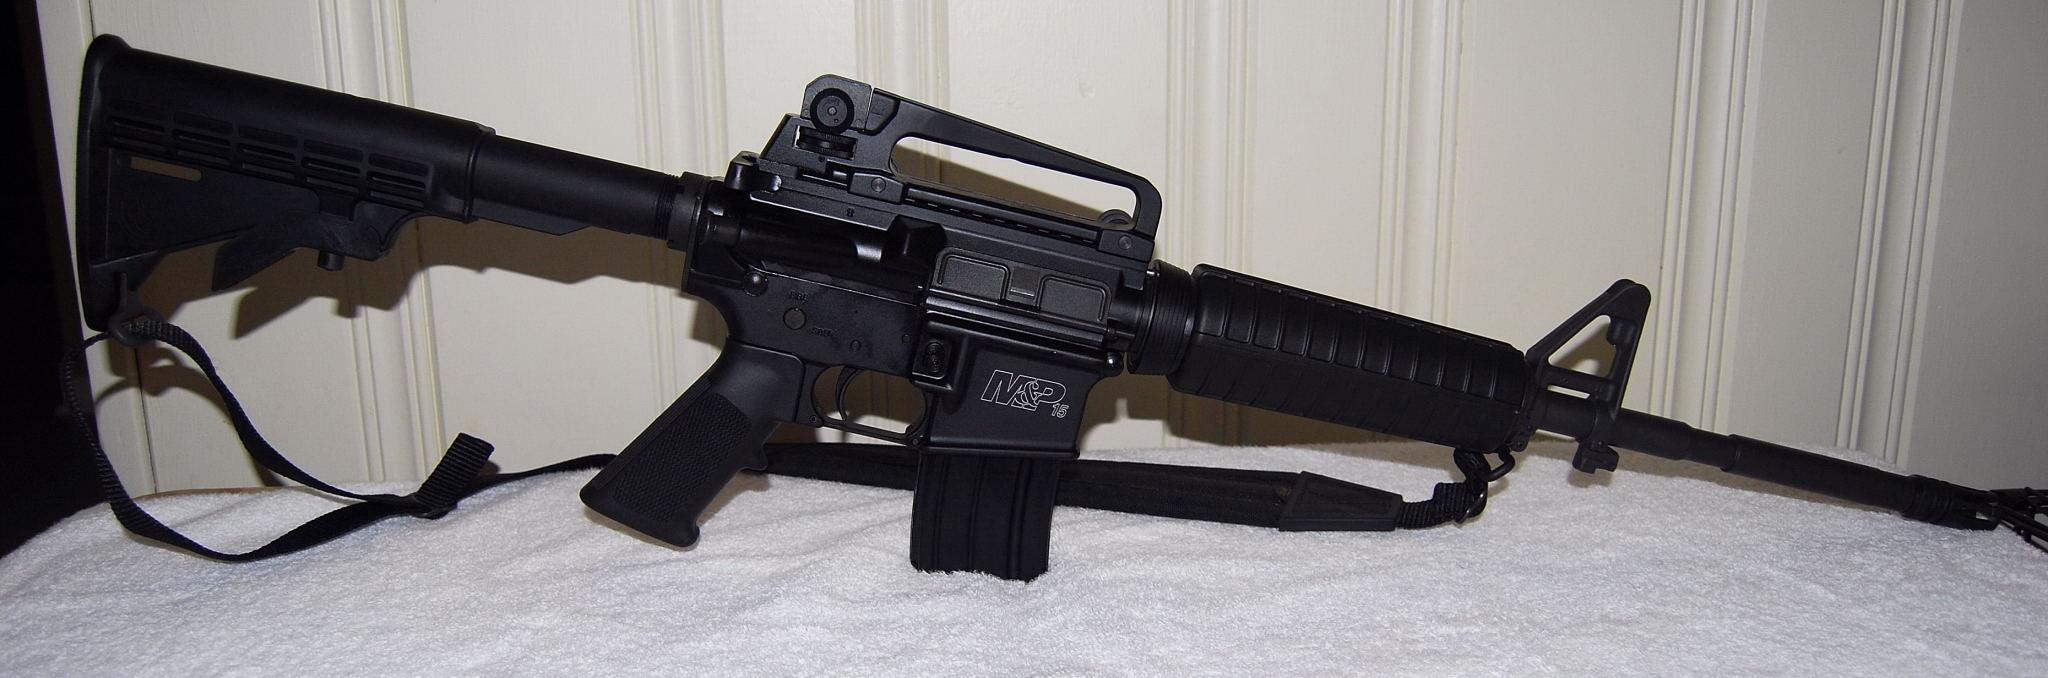 Show me your AR-15!-sarge-s-ar-15-photo-2-1-.jpg